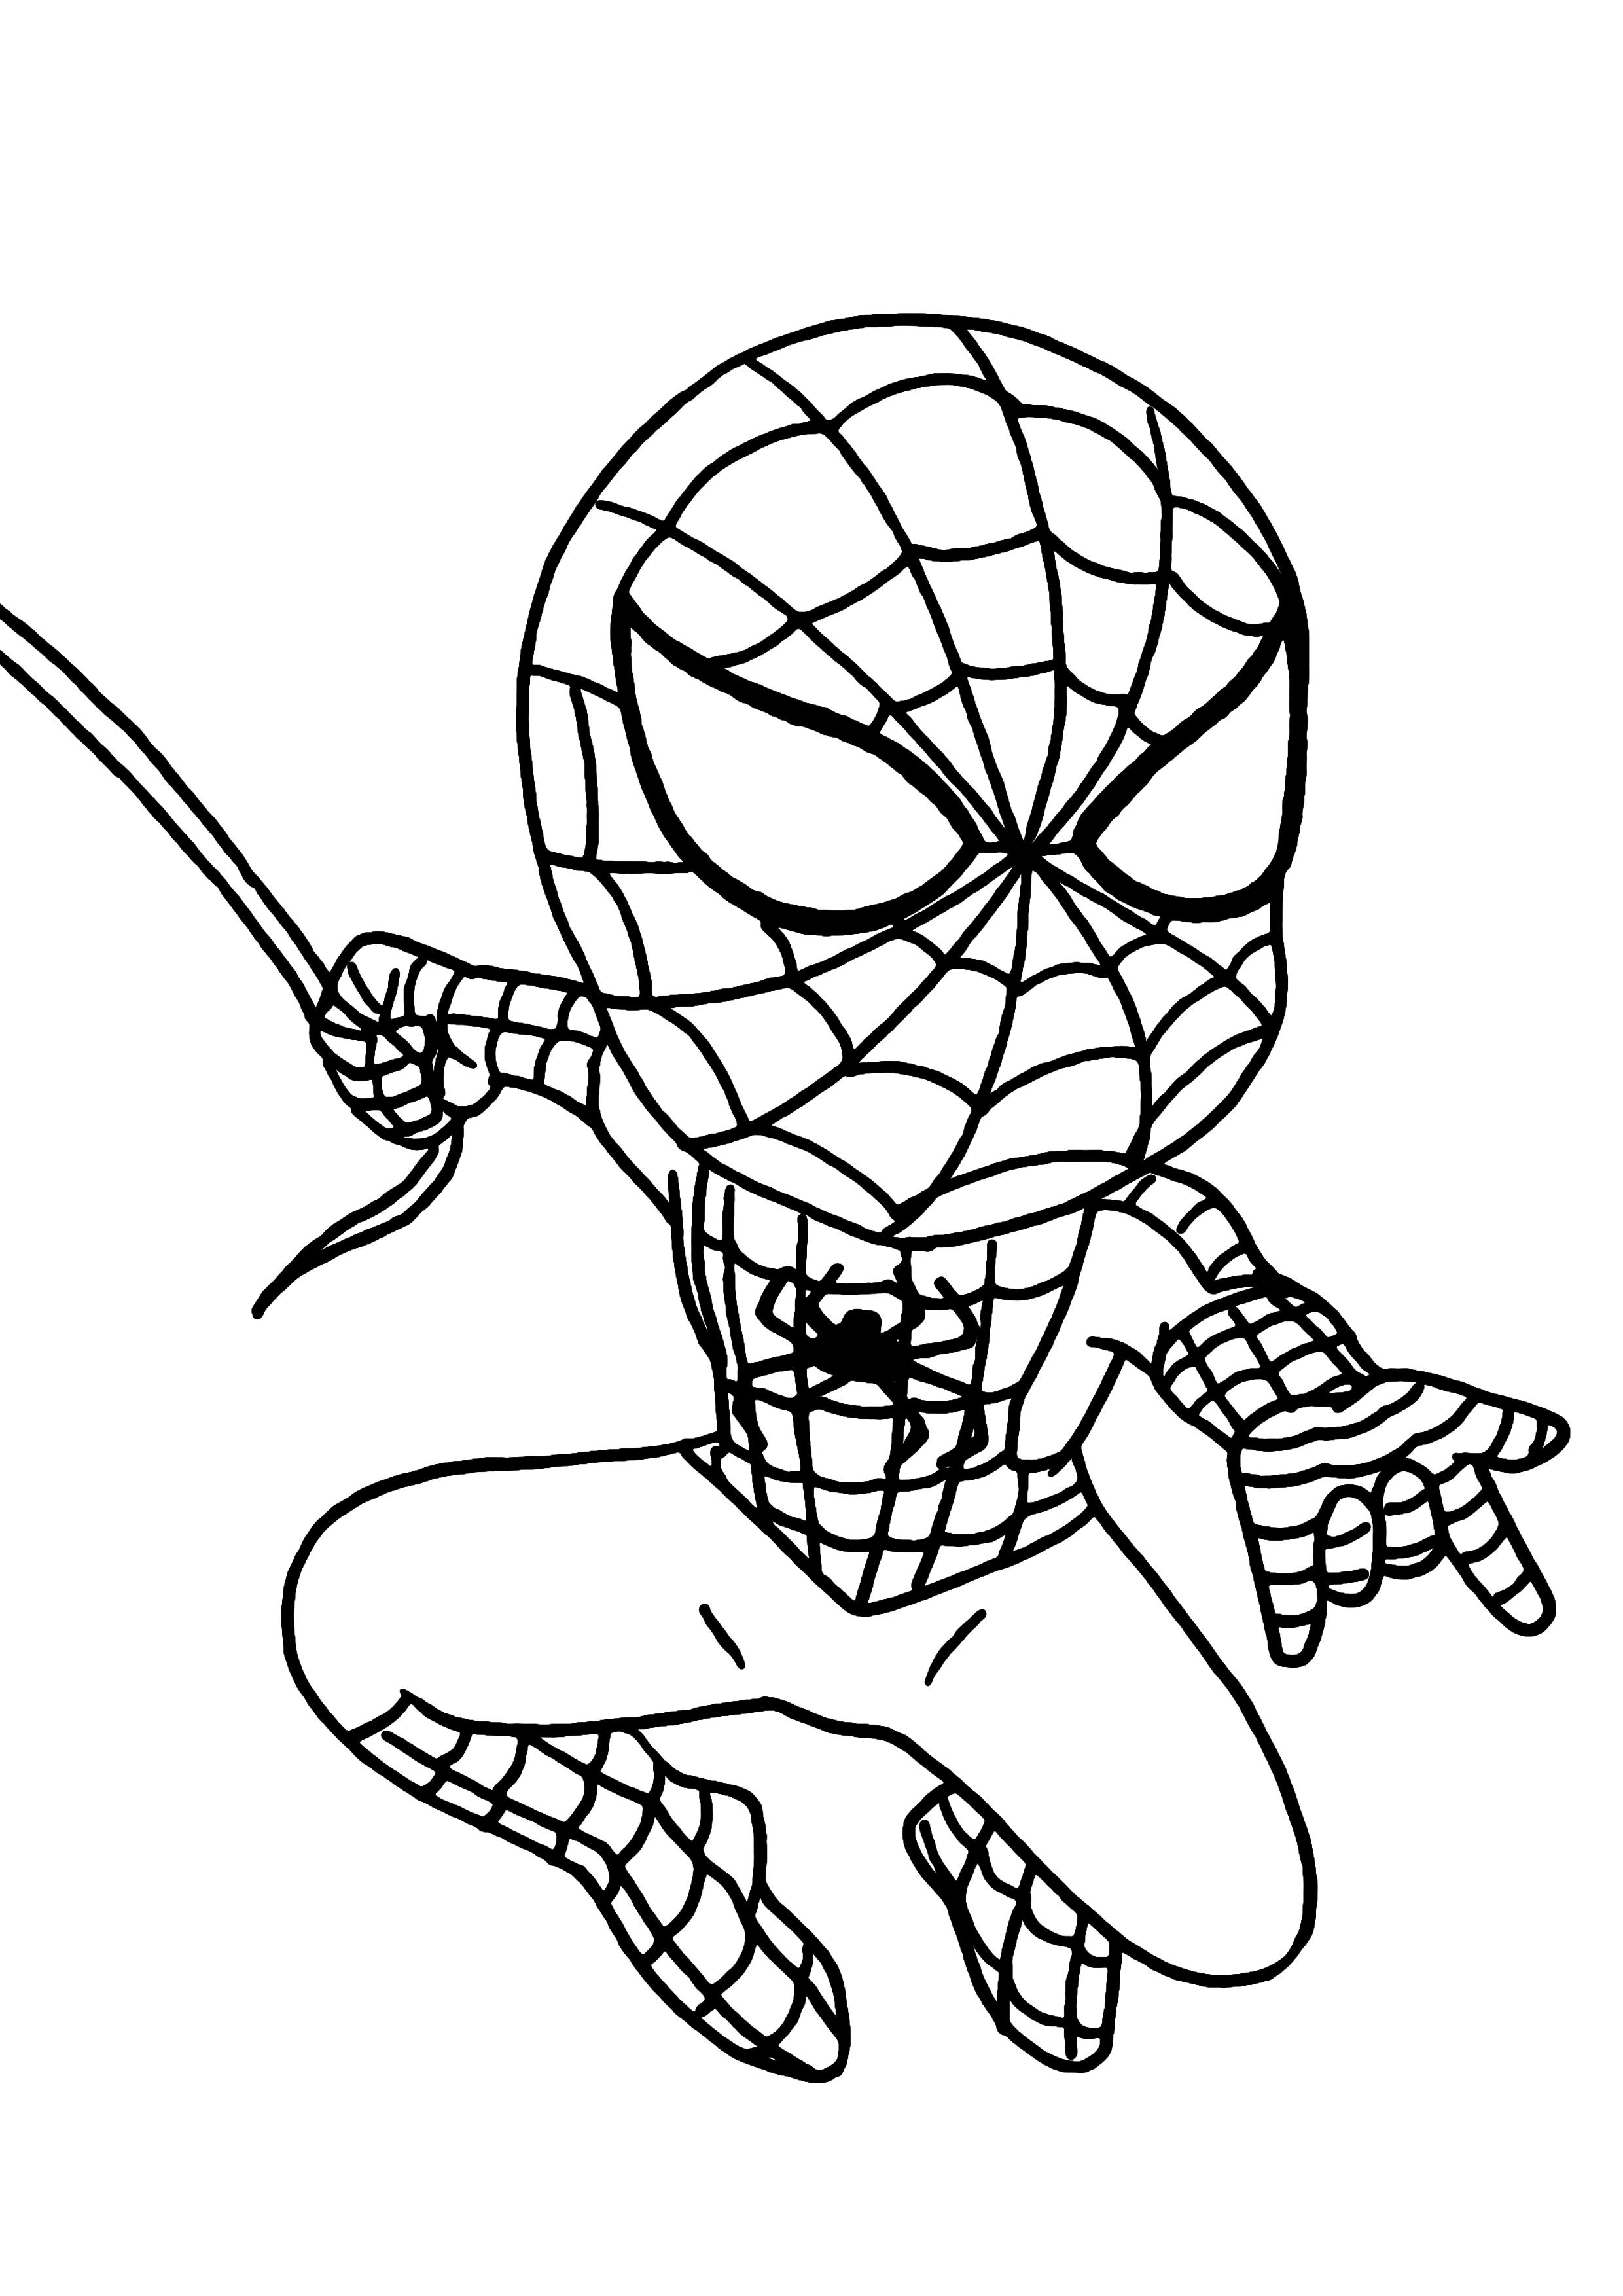 20 dessins de coloriage super h ros gratuit en ligne - Coloriages en lignes ...